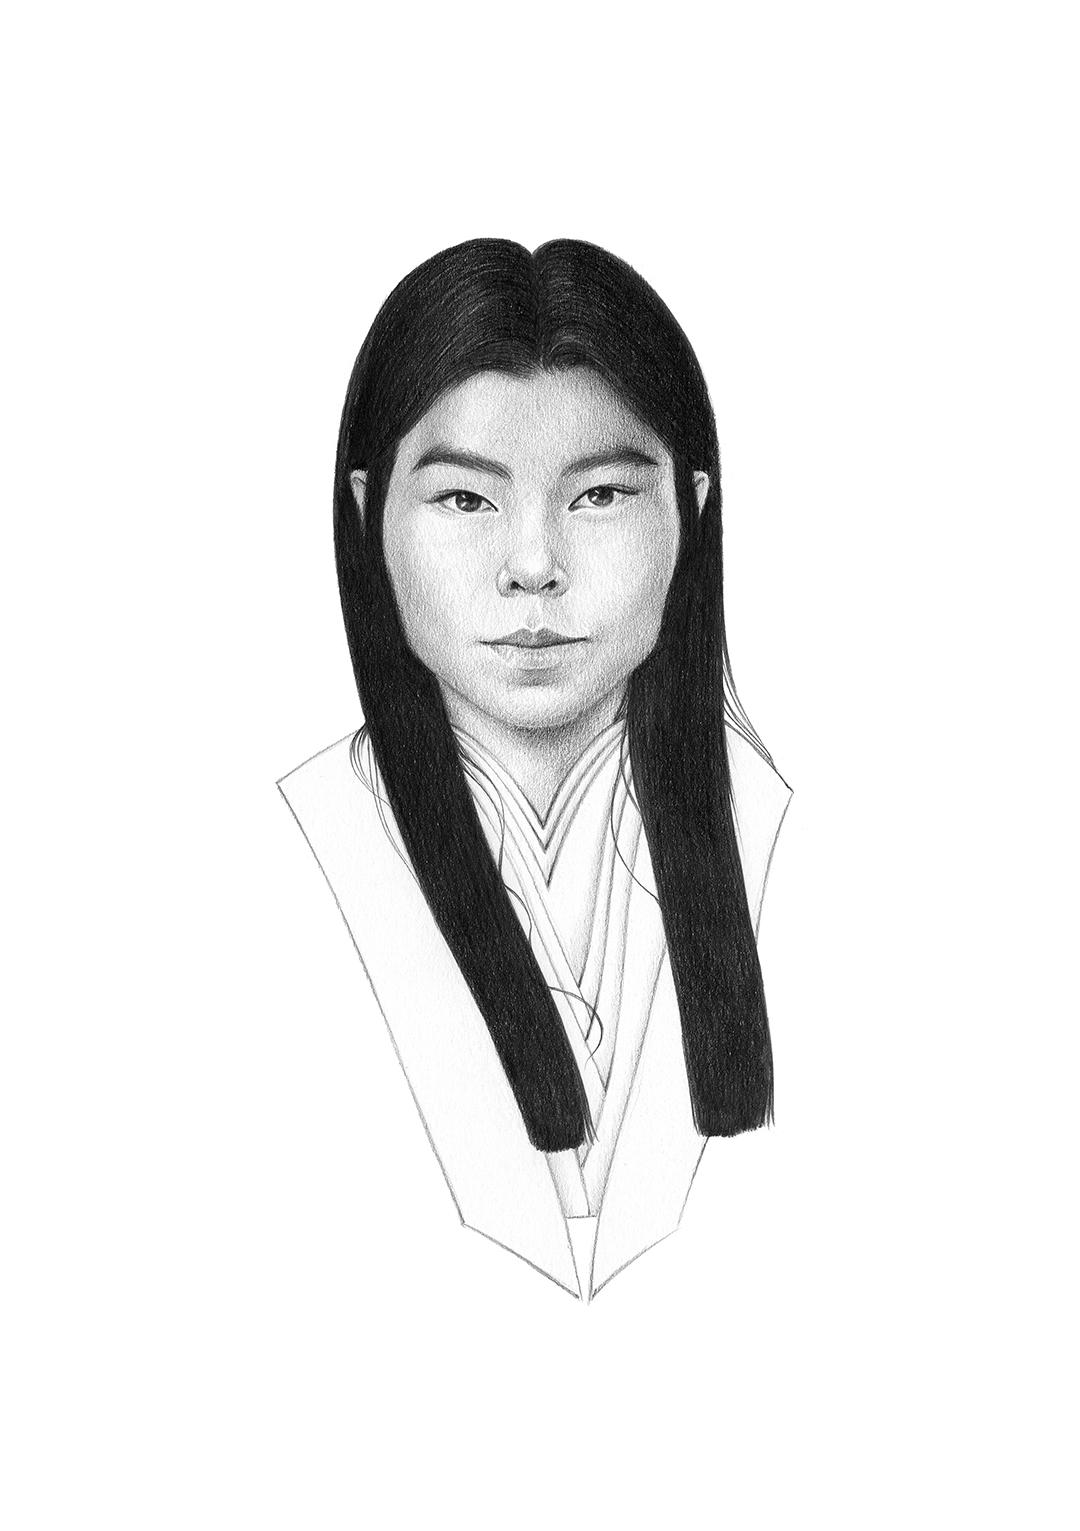 RA_murasaki shikibu__1080.jpg